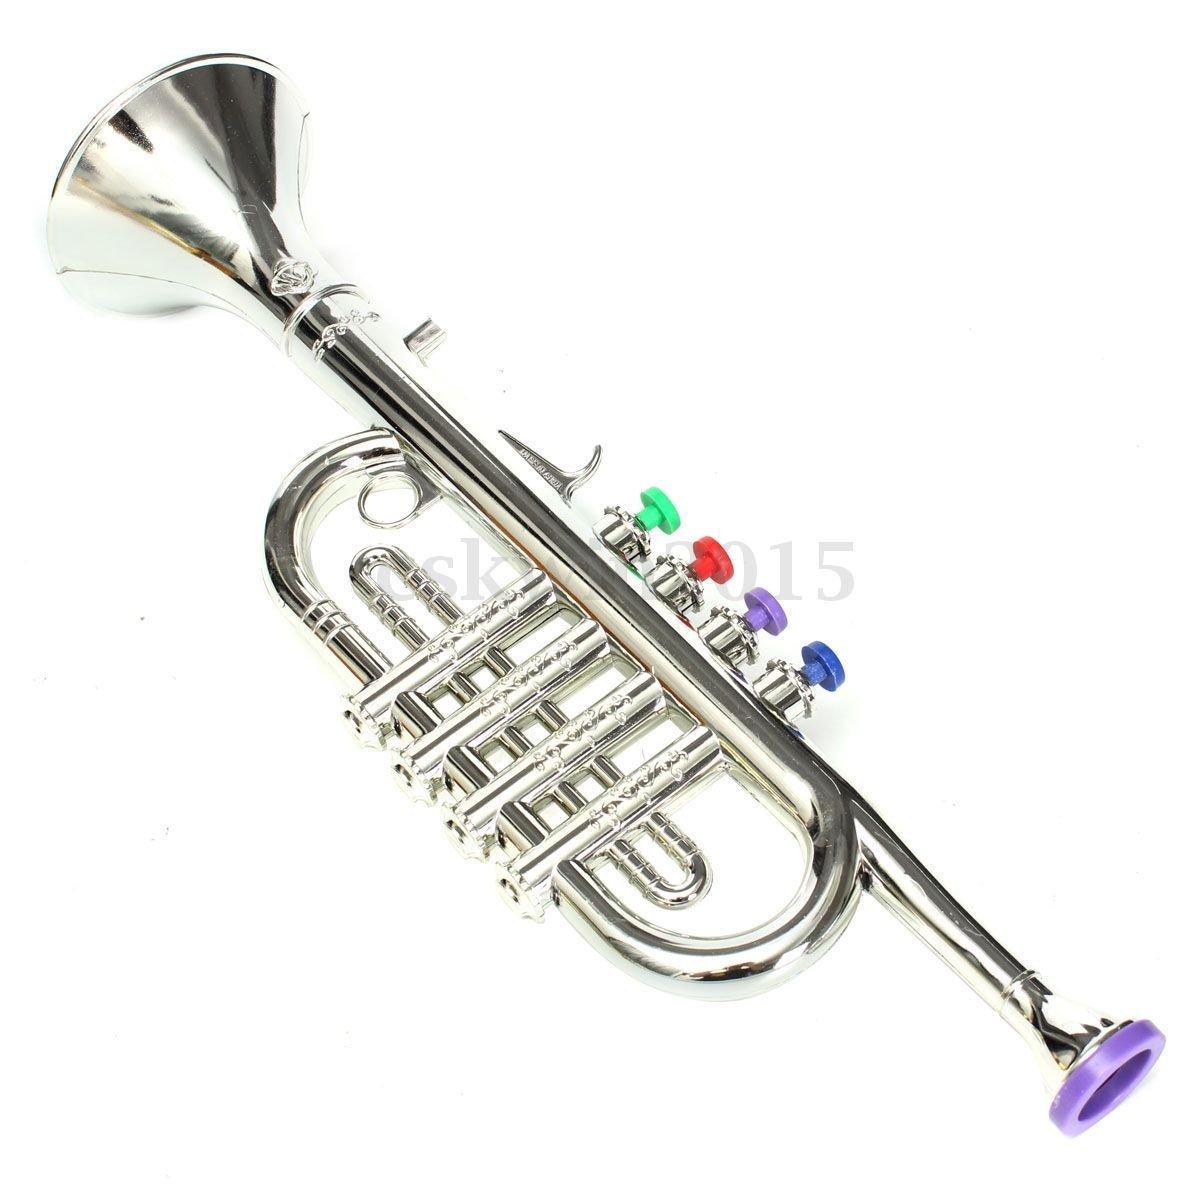 MAZIMARK-Emulational Trumpet Bugle Horn developmental children's toy Gift Stage props (silver)